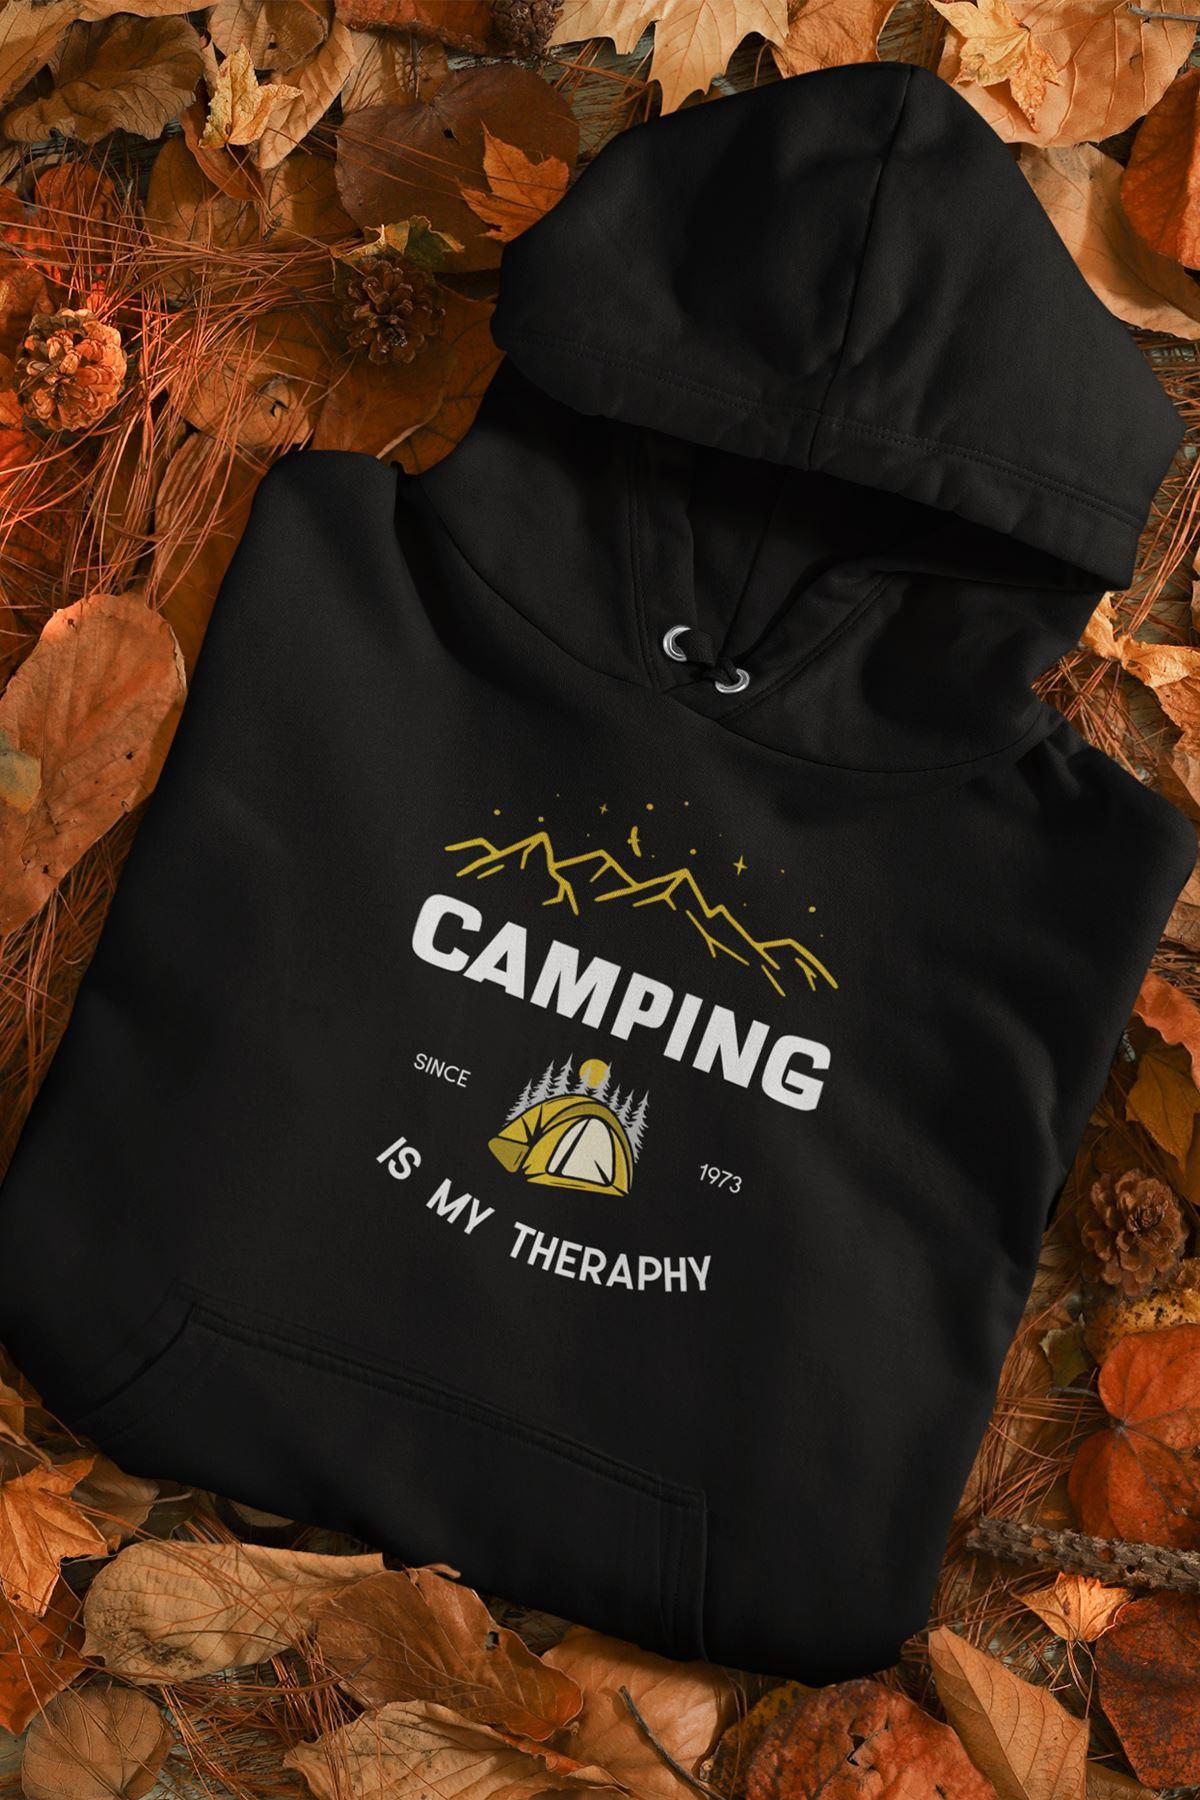 Sevgili Kombini Camping 02 Siyah Kapşonlu Sweatshirt - Tek Ürün Fiyatıdır.